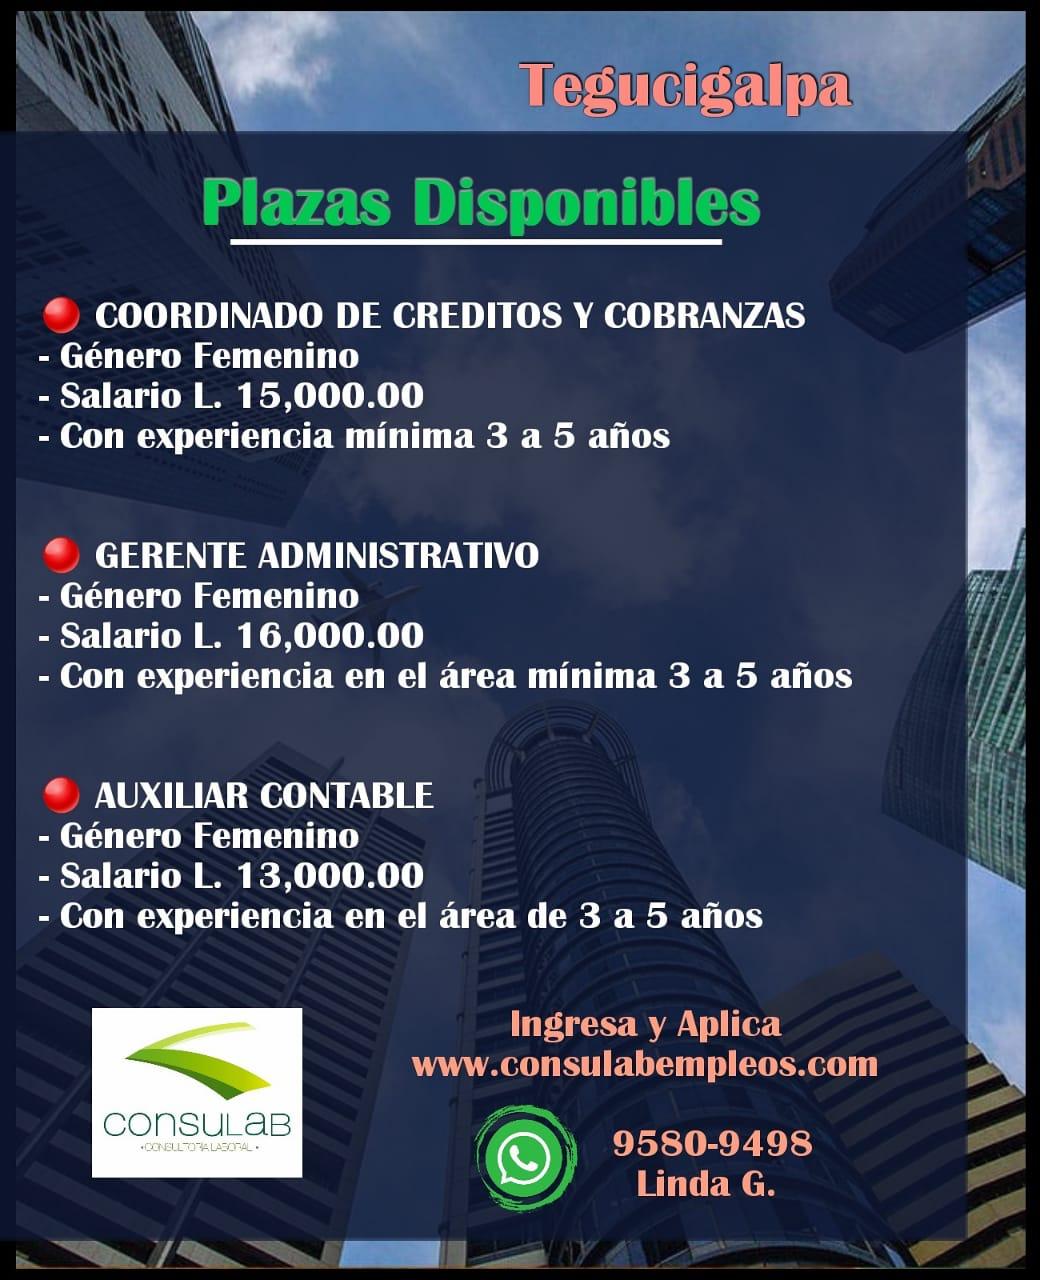 Plazas disponibles en Tegucigalpa